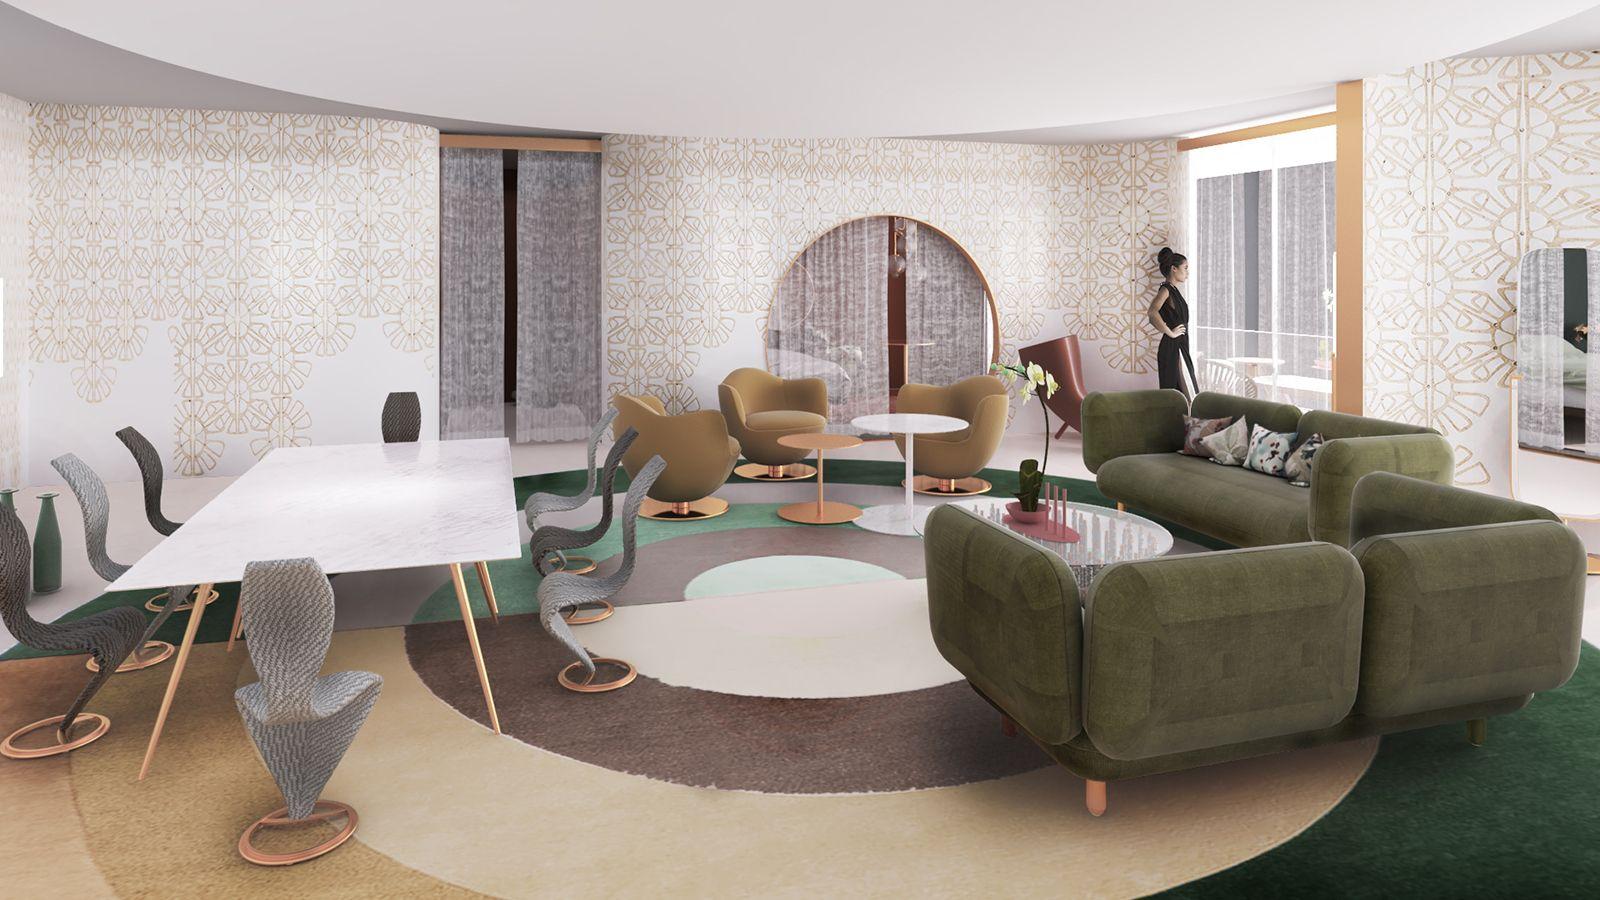 Contemporary Interior Design Master Courses Istituto Marangoni